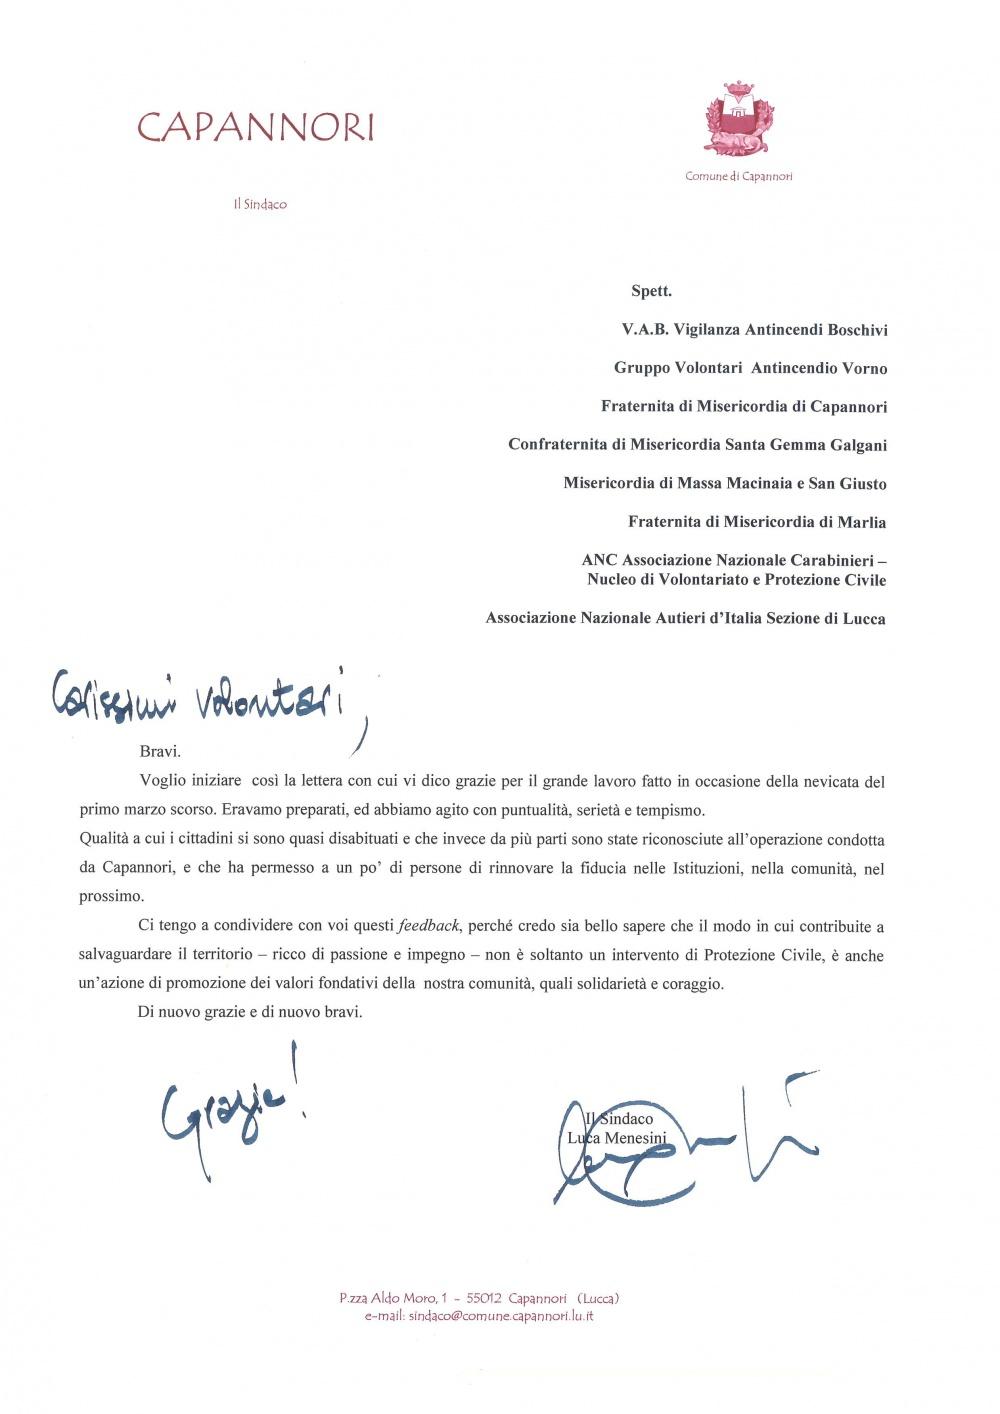 Lettera ringraziamento Sindaco Capannori - marzo 2018